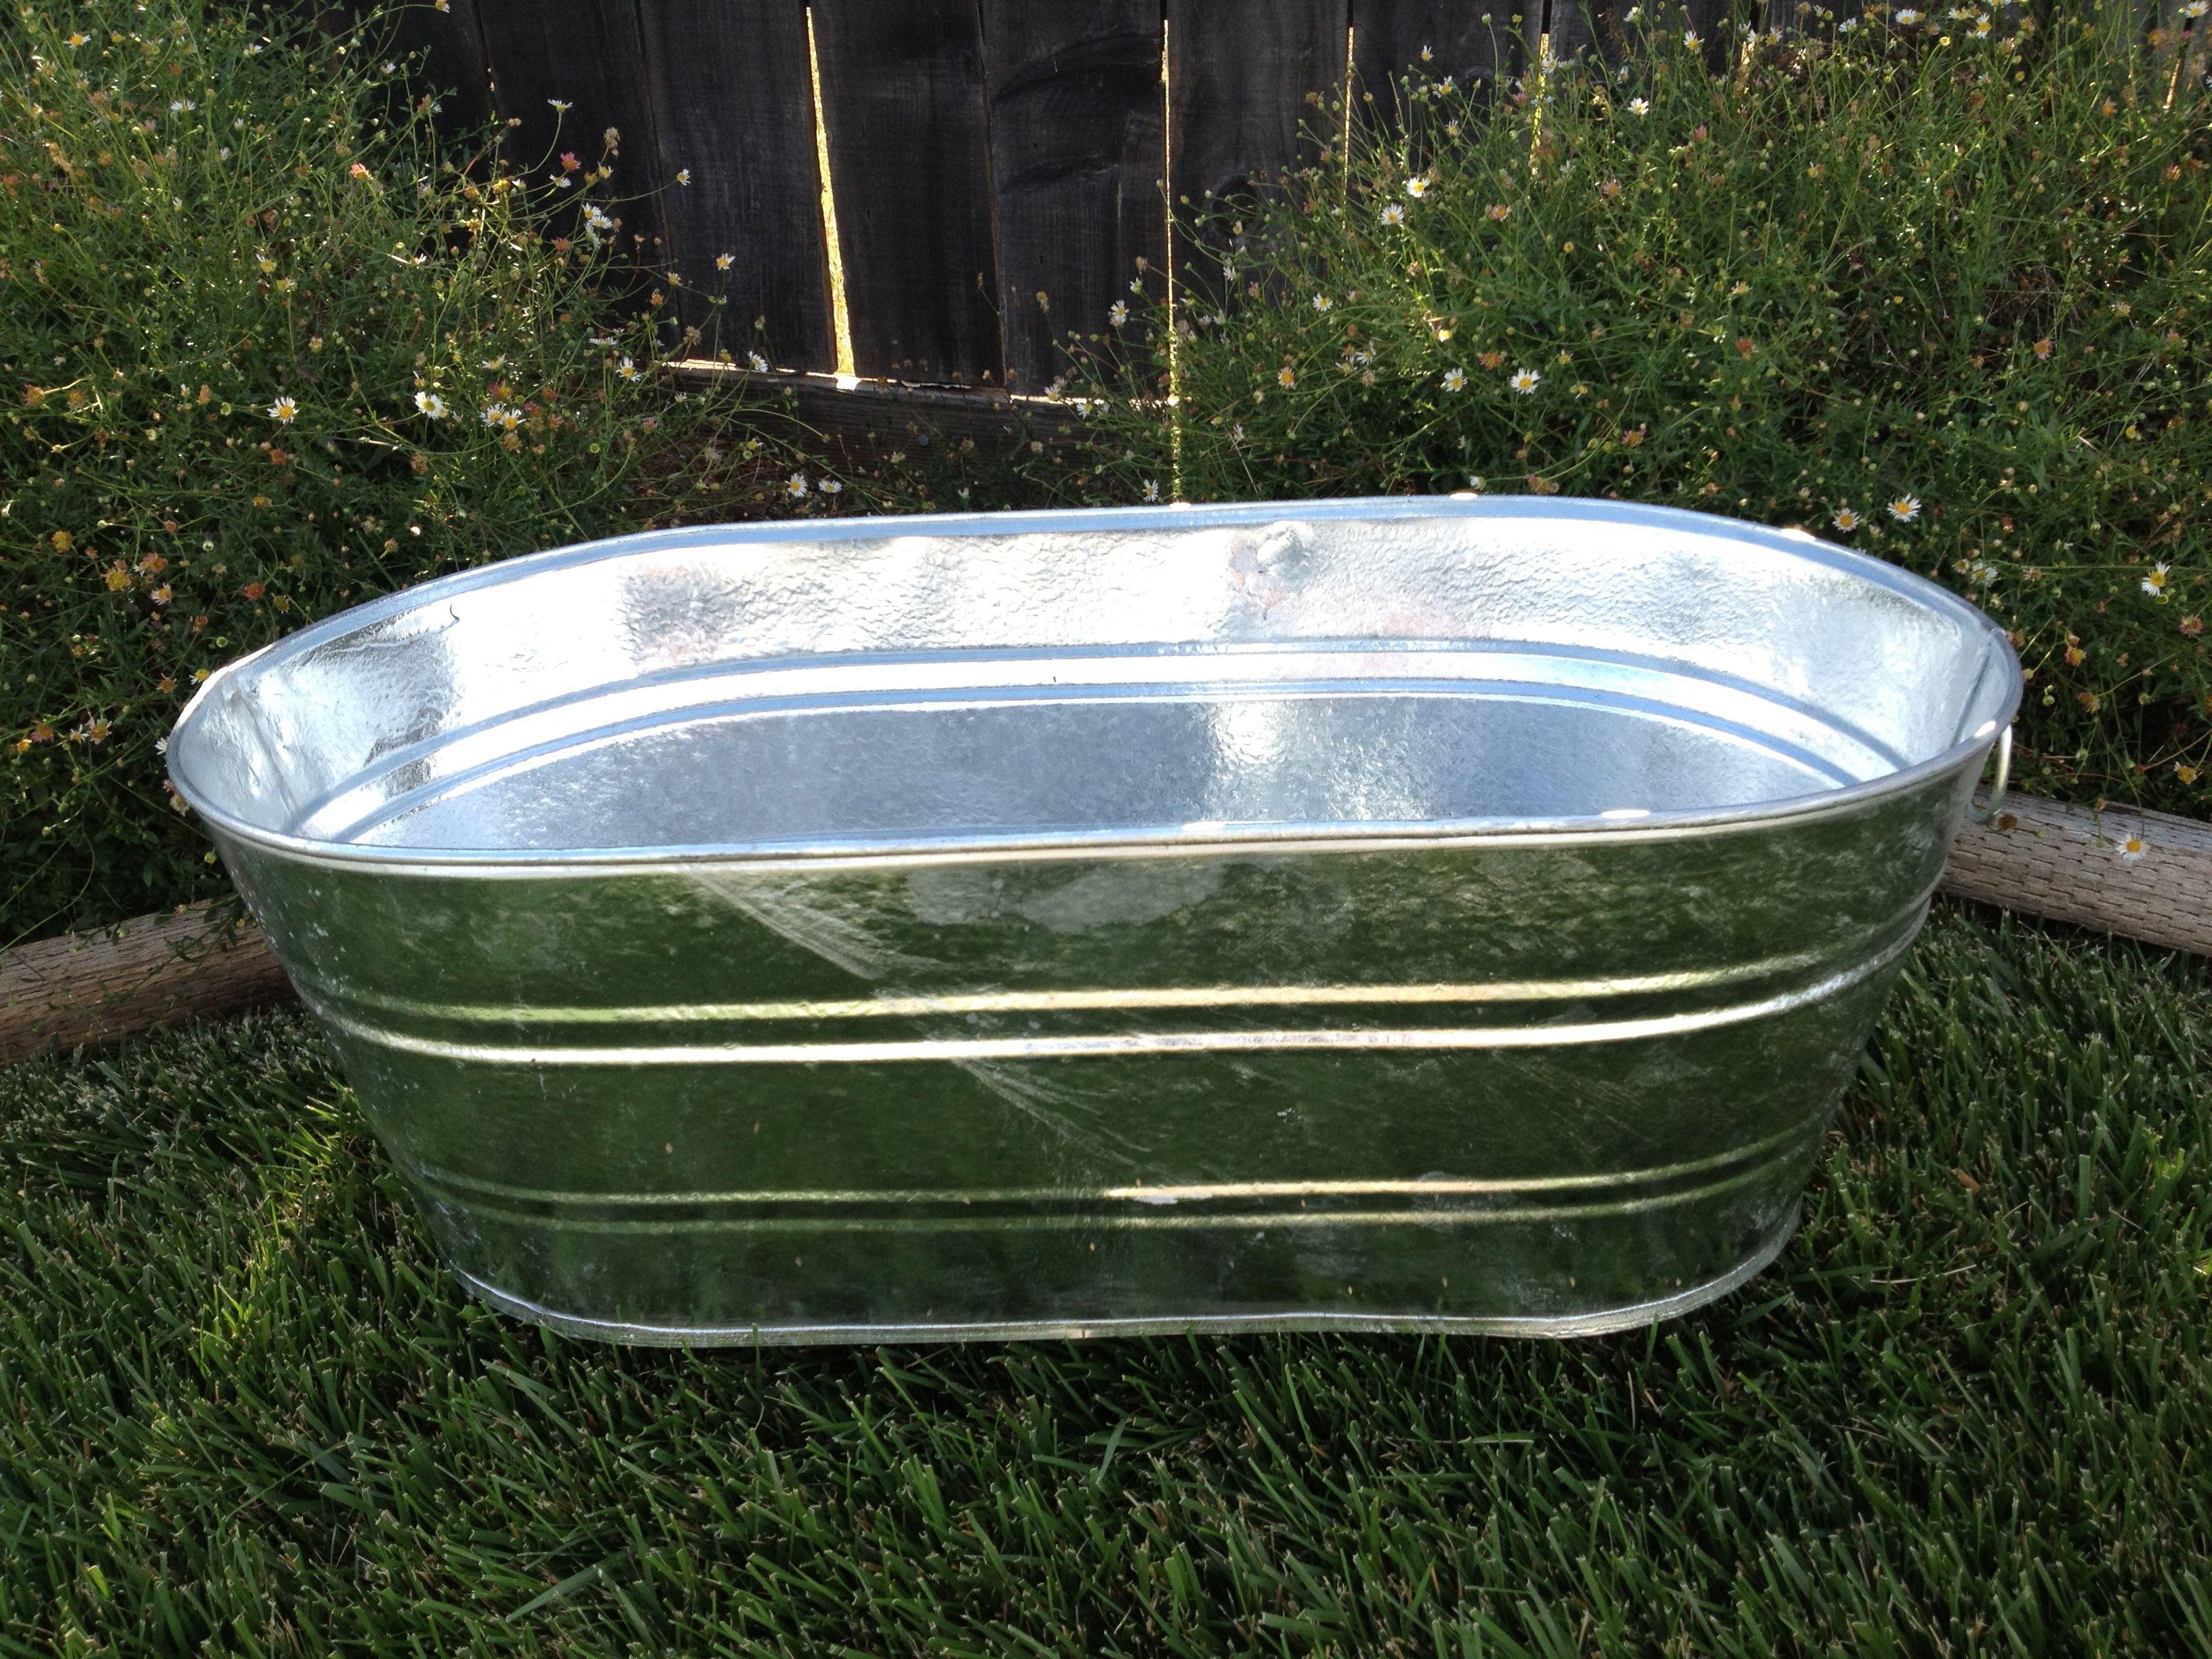 Diy Structured Flower Garden Tubs For Sale Bathtubs For Sale